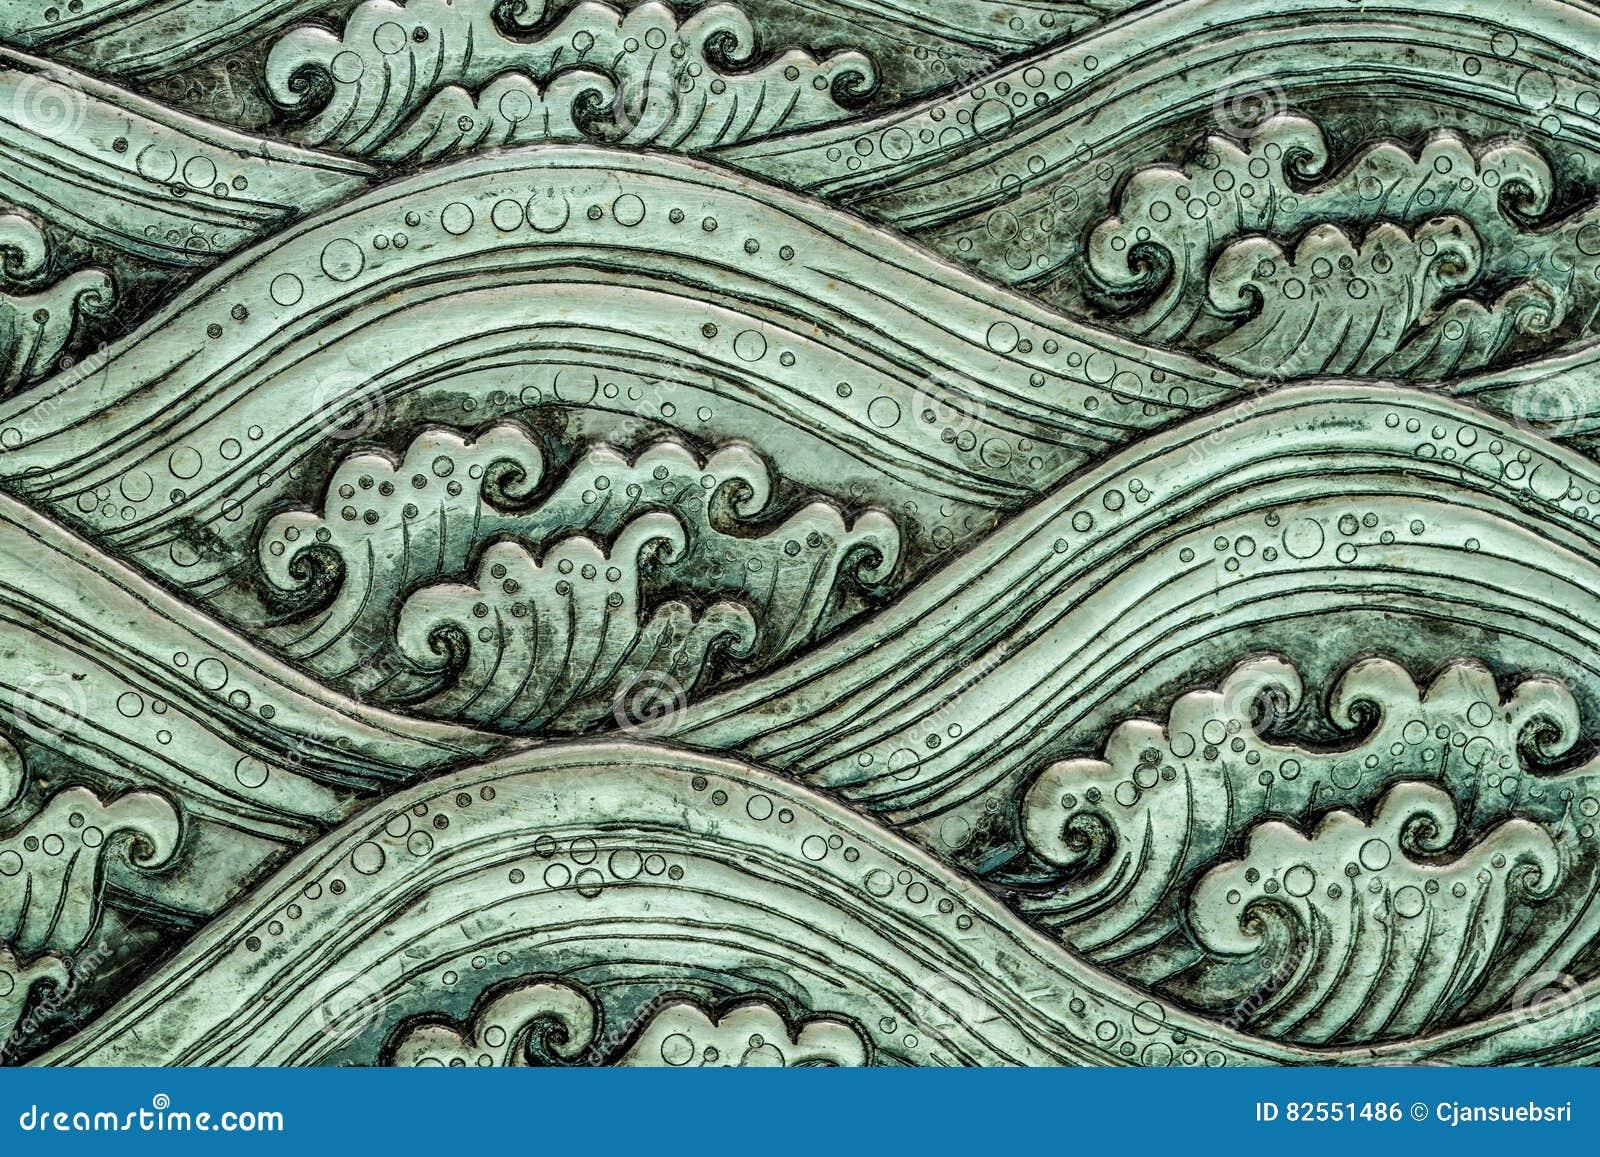 Sea wave pattern art